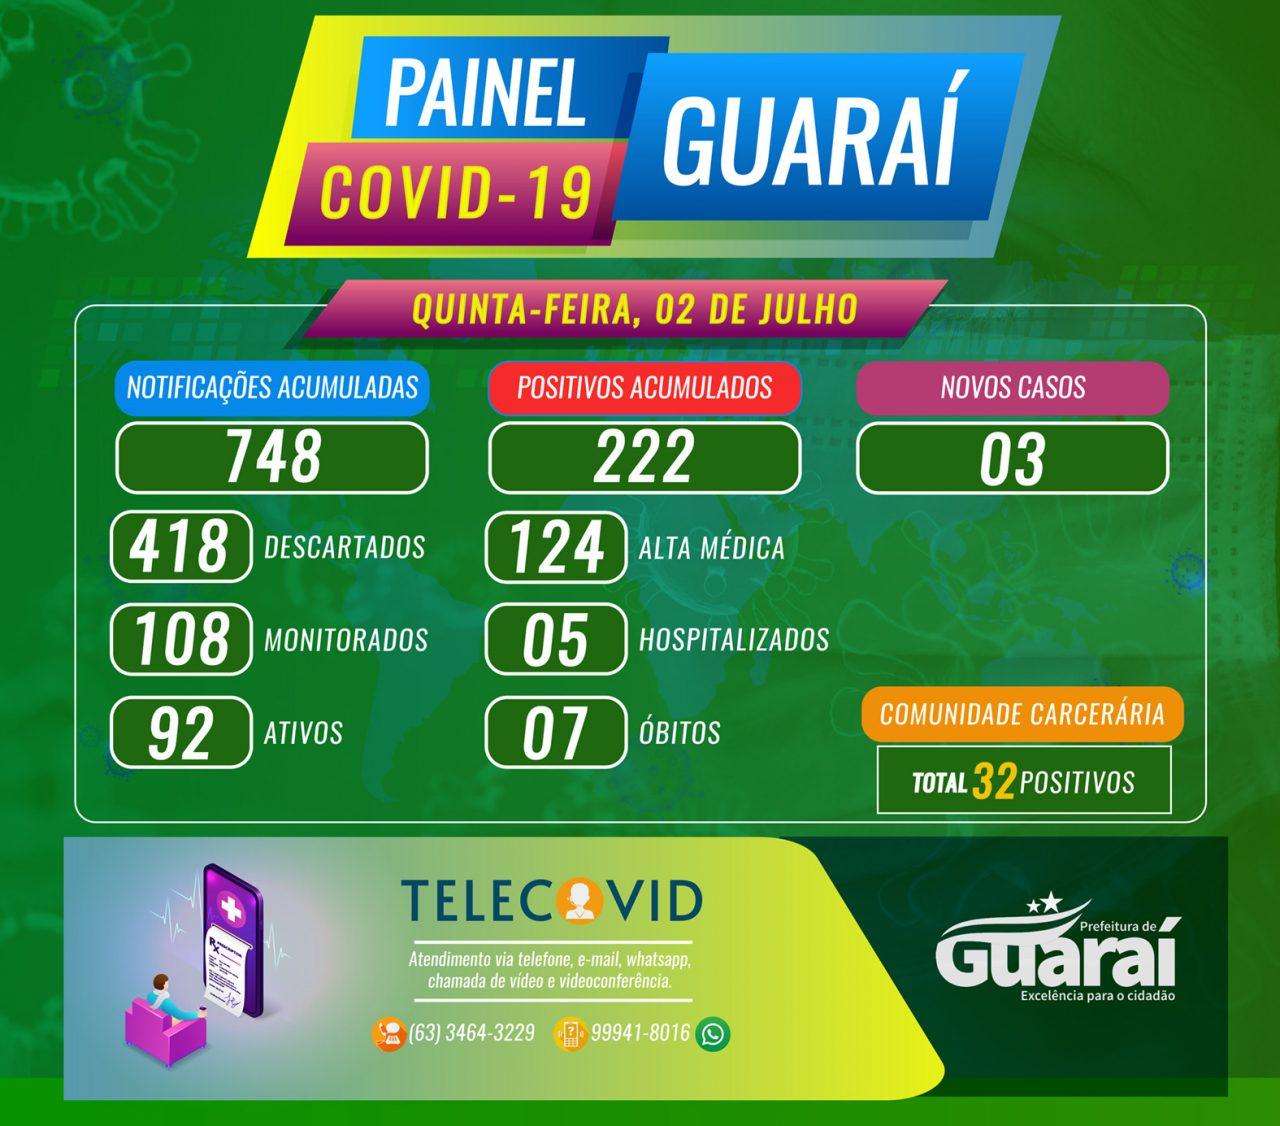 PAINEL GUARAI COVID19 2 DE JULHO QUINTA 1280x1126 - Painel Guaraí-TO / Covid-19 / Boletim 02 de Julho (quinta) 12:00